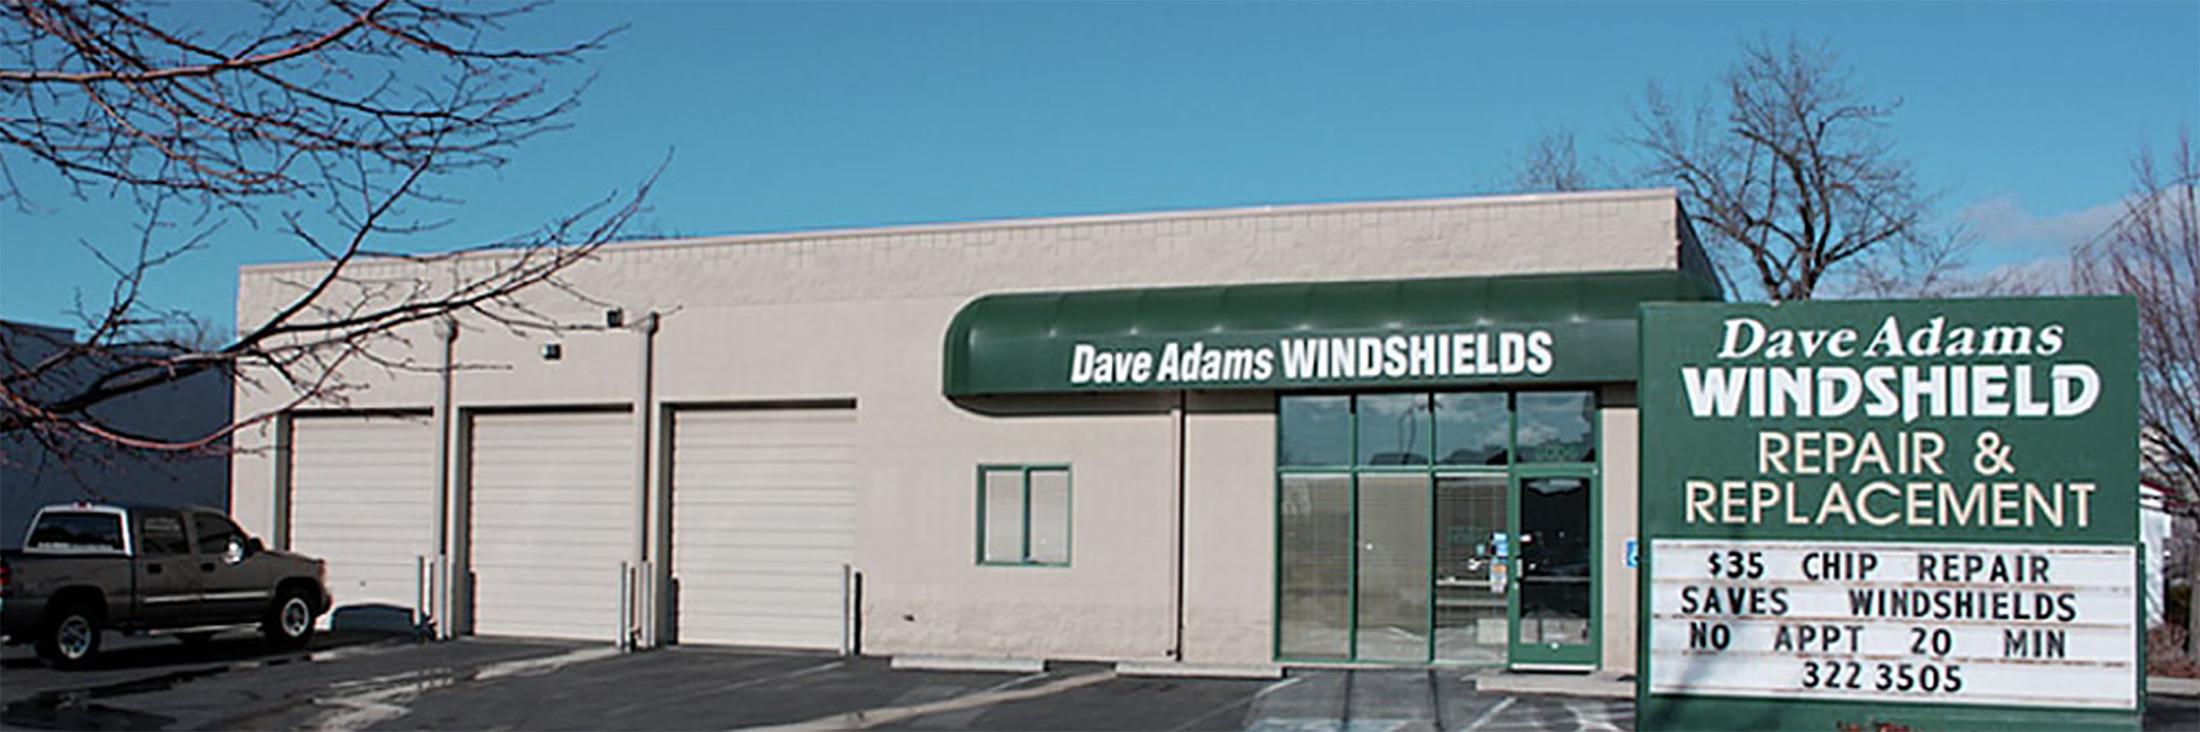 Dave Adams Windshield Repair- Boise Idaho